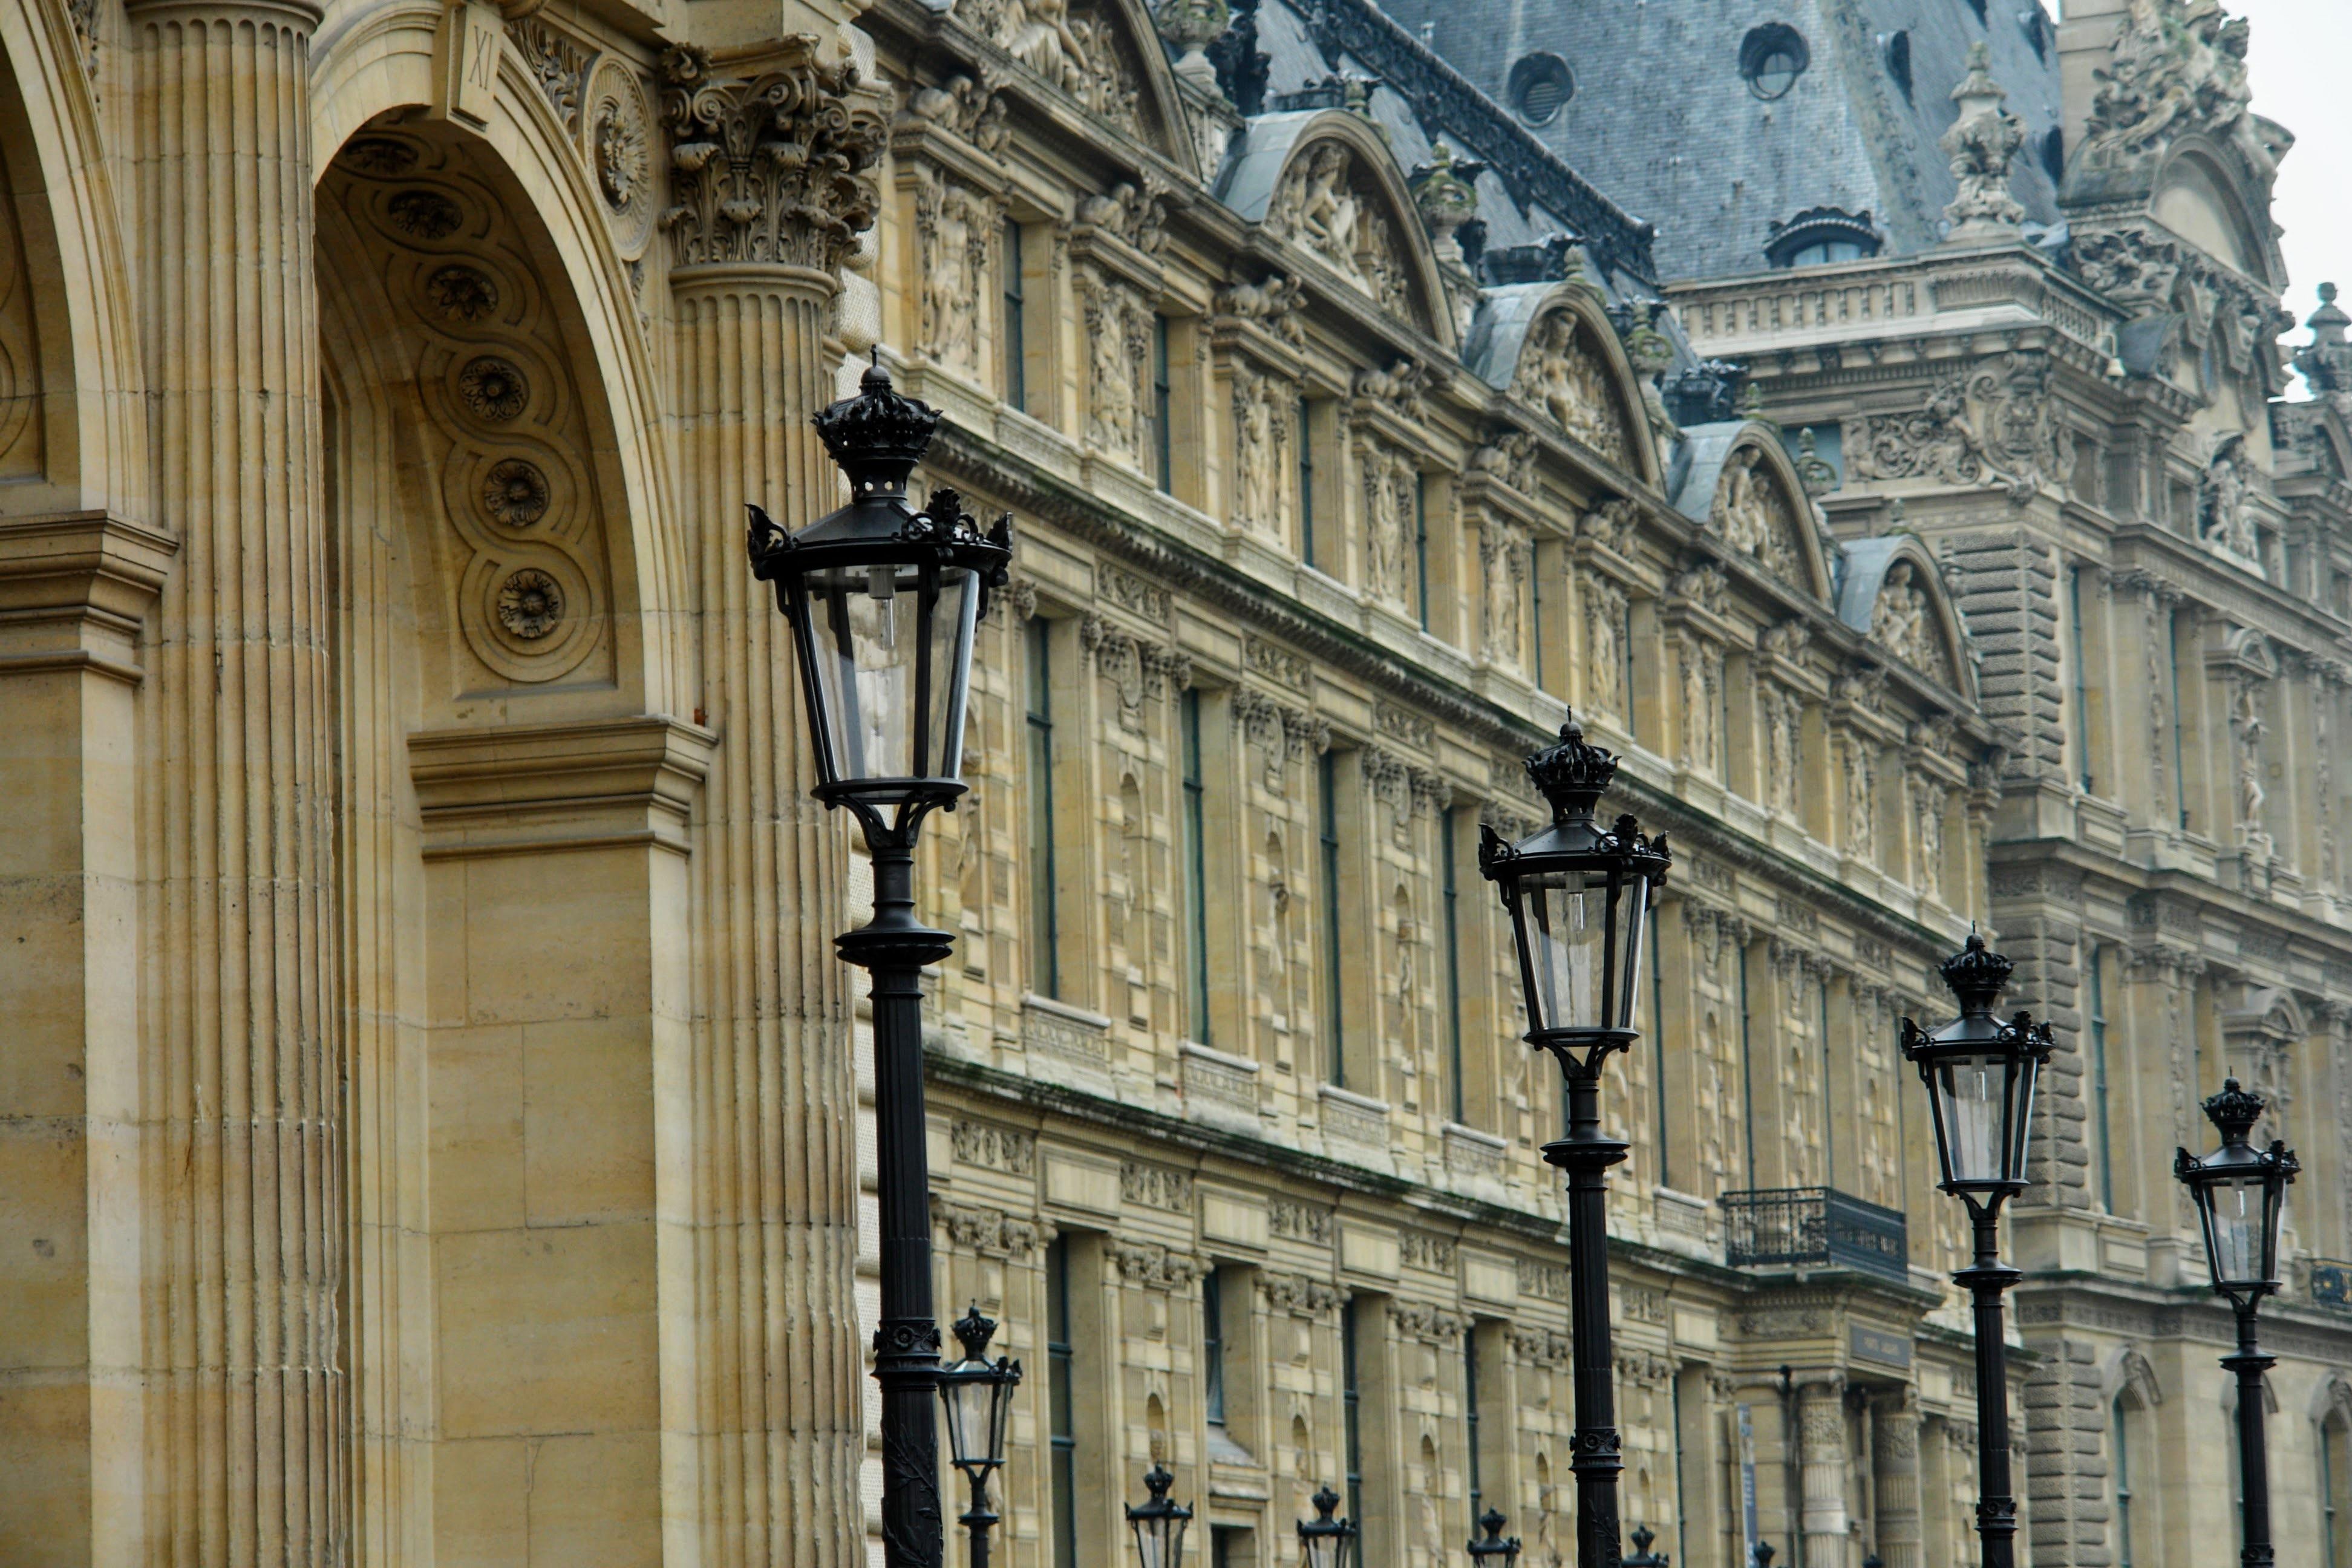 Immagini belle albero costruzione palazzo citt for Casa di architettura gotica